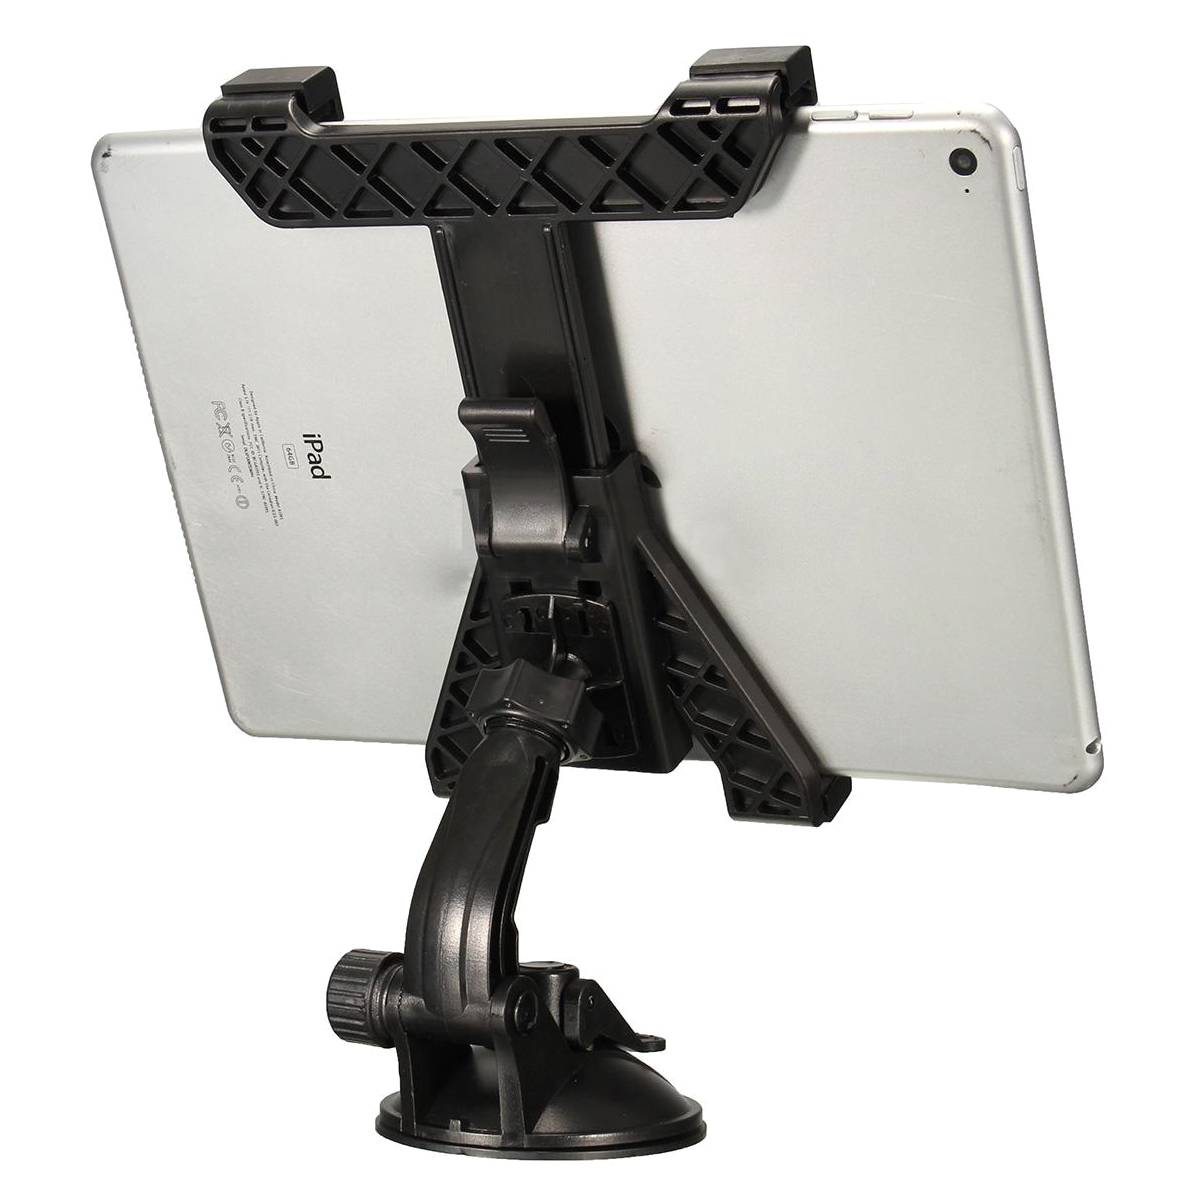 Car Windshield Desk Top Mount Bracket Holder Stand Cradle for 7-10.1 Tablet